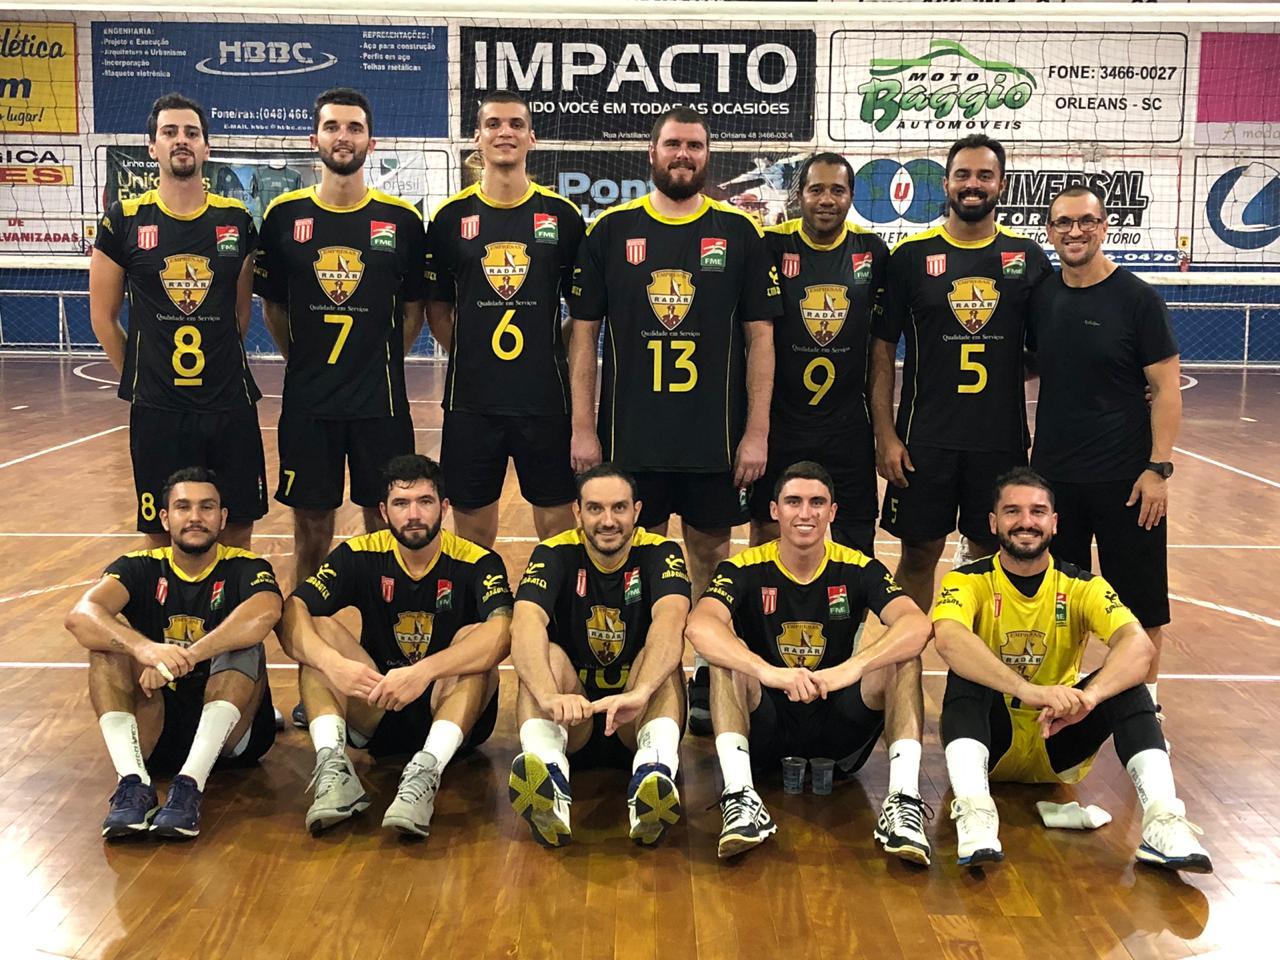 Vôlei masculino de Criciúma inicia campeonato com 100% de aproveitamento